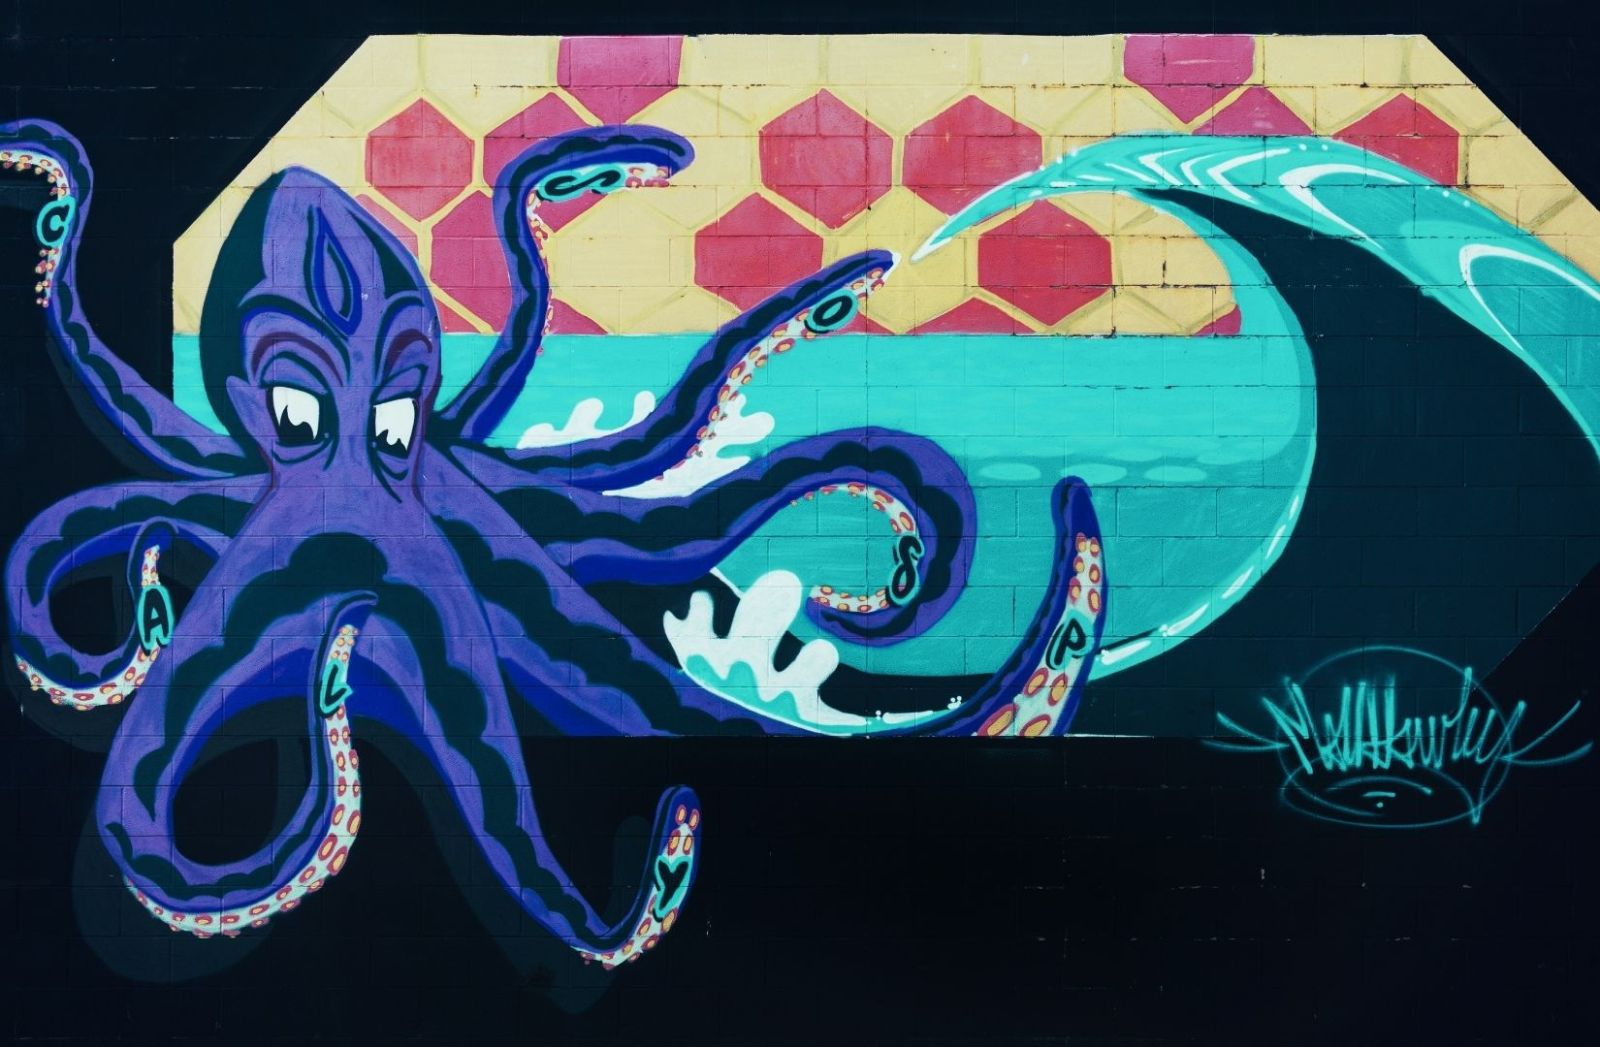 Ein Krake reagiert wie man ihn führt. (Foto: Tim Mossholder, Unsplash.com)